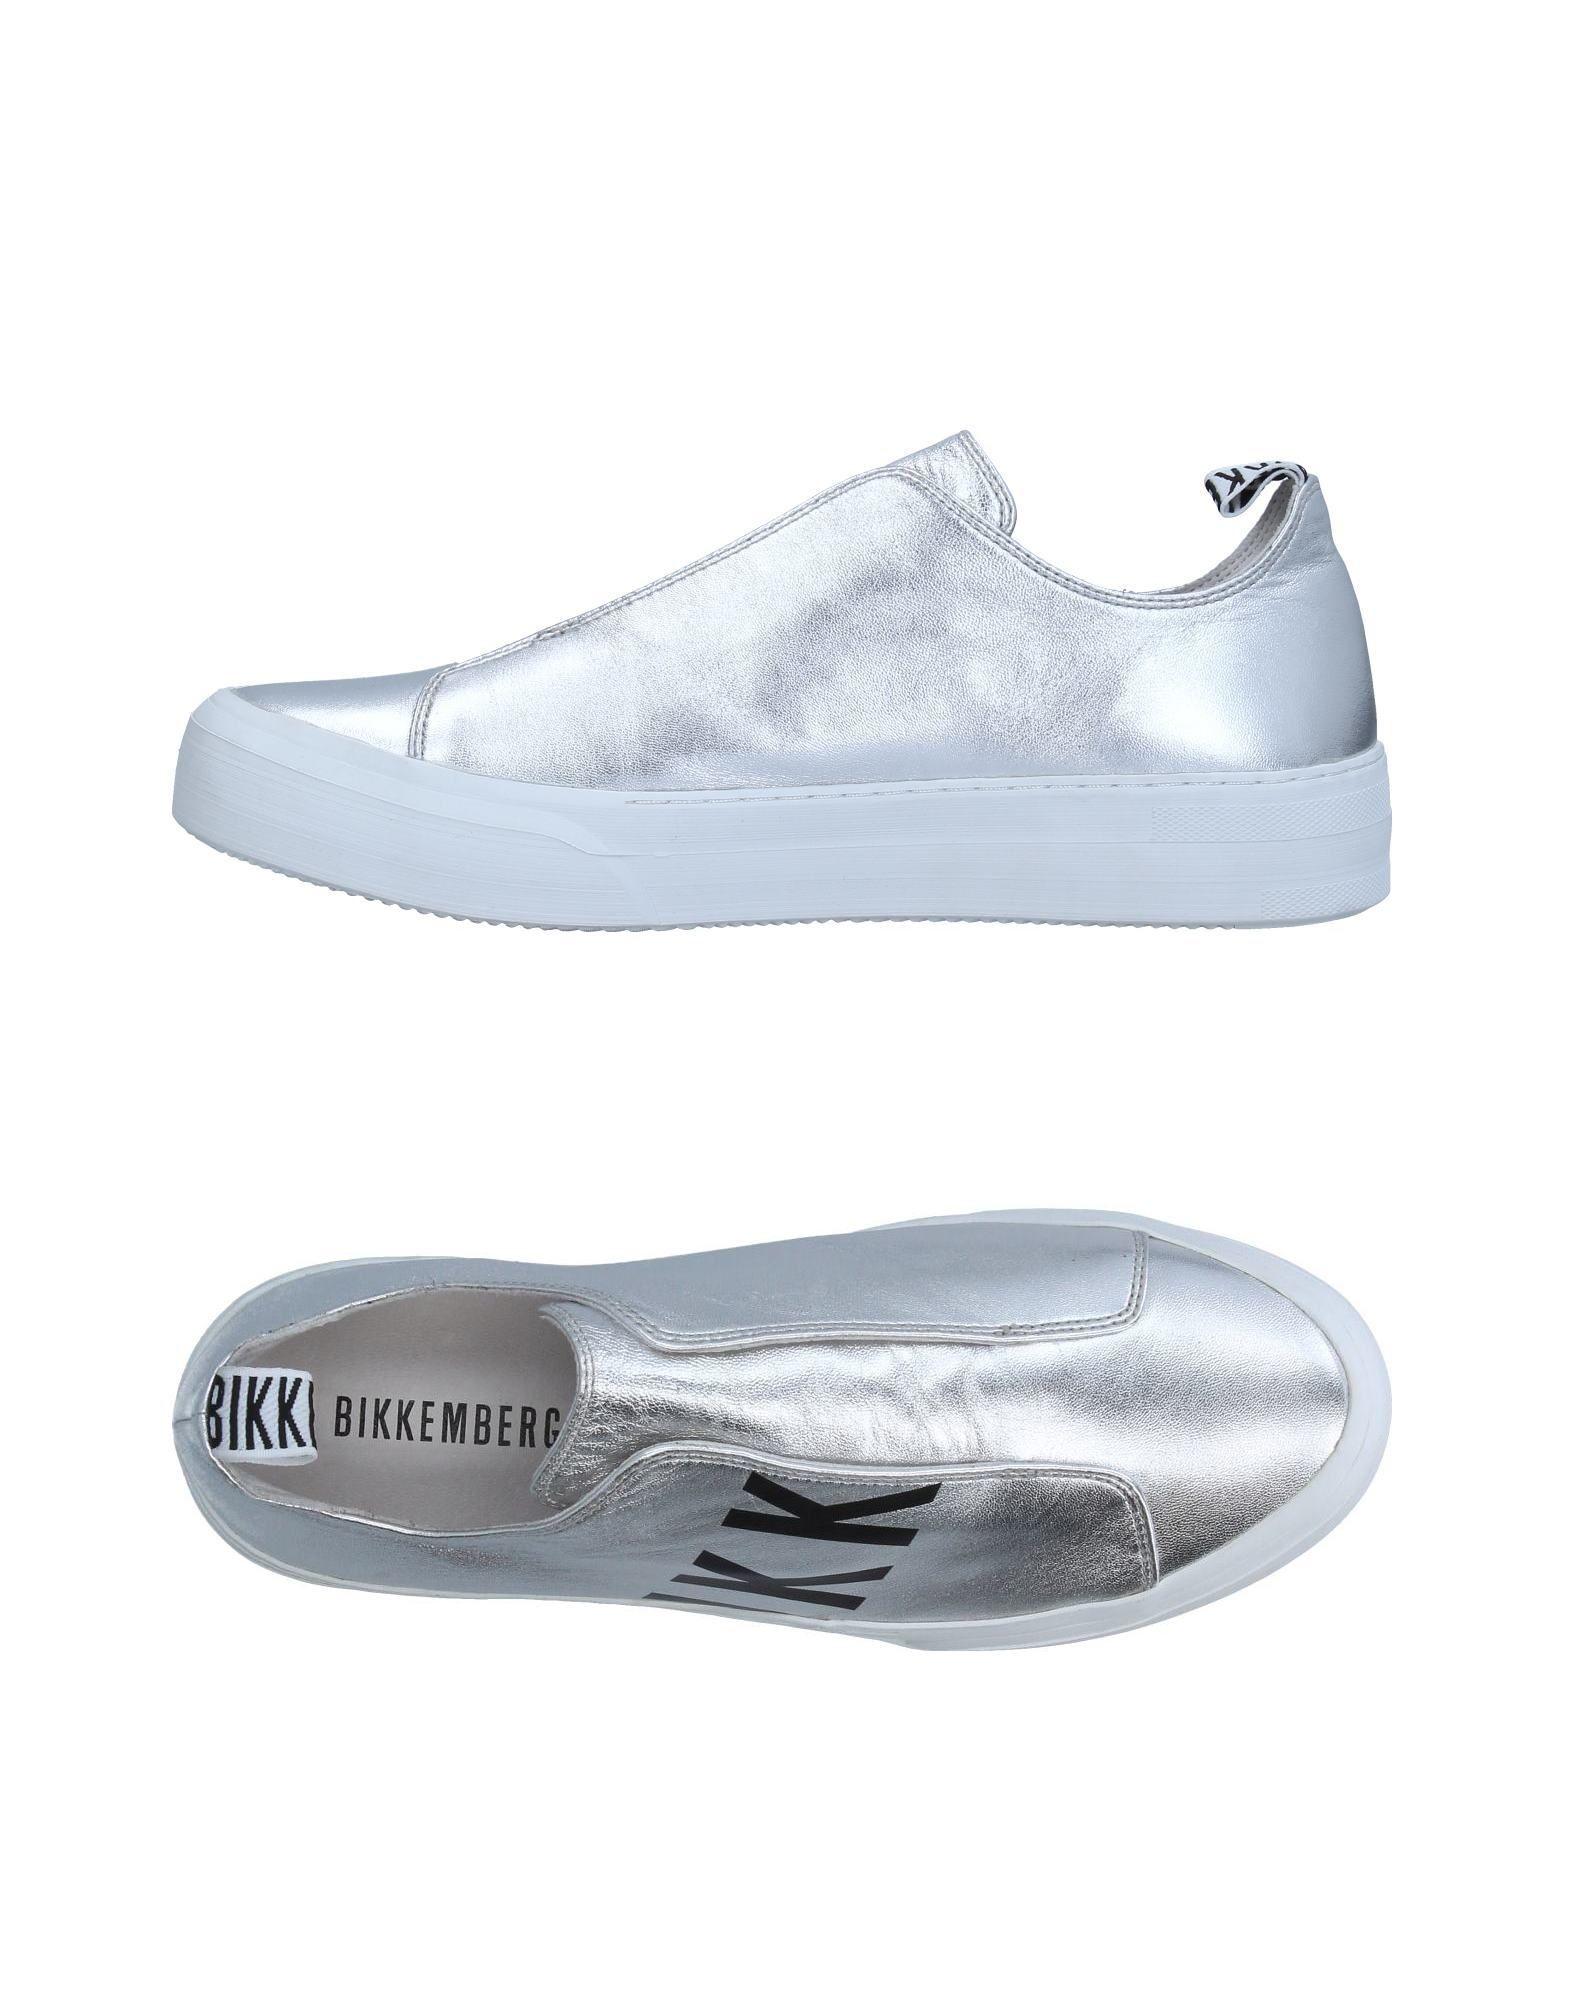 Bikkembergs Sneakers Herren  11333714OF Gute Qualität beliebte Schuhe